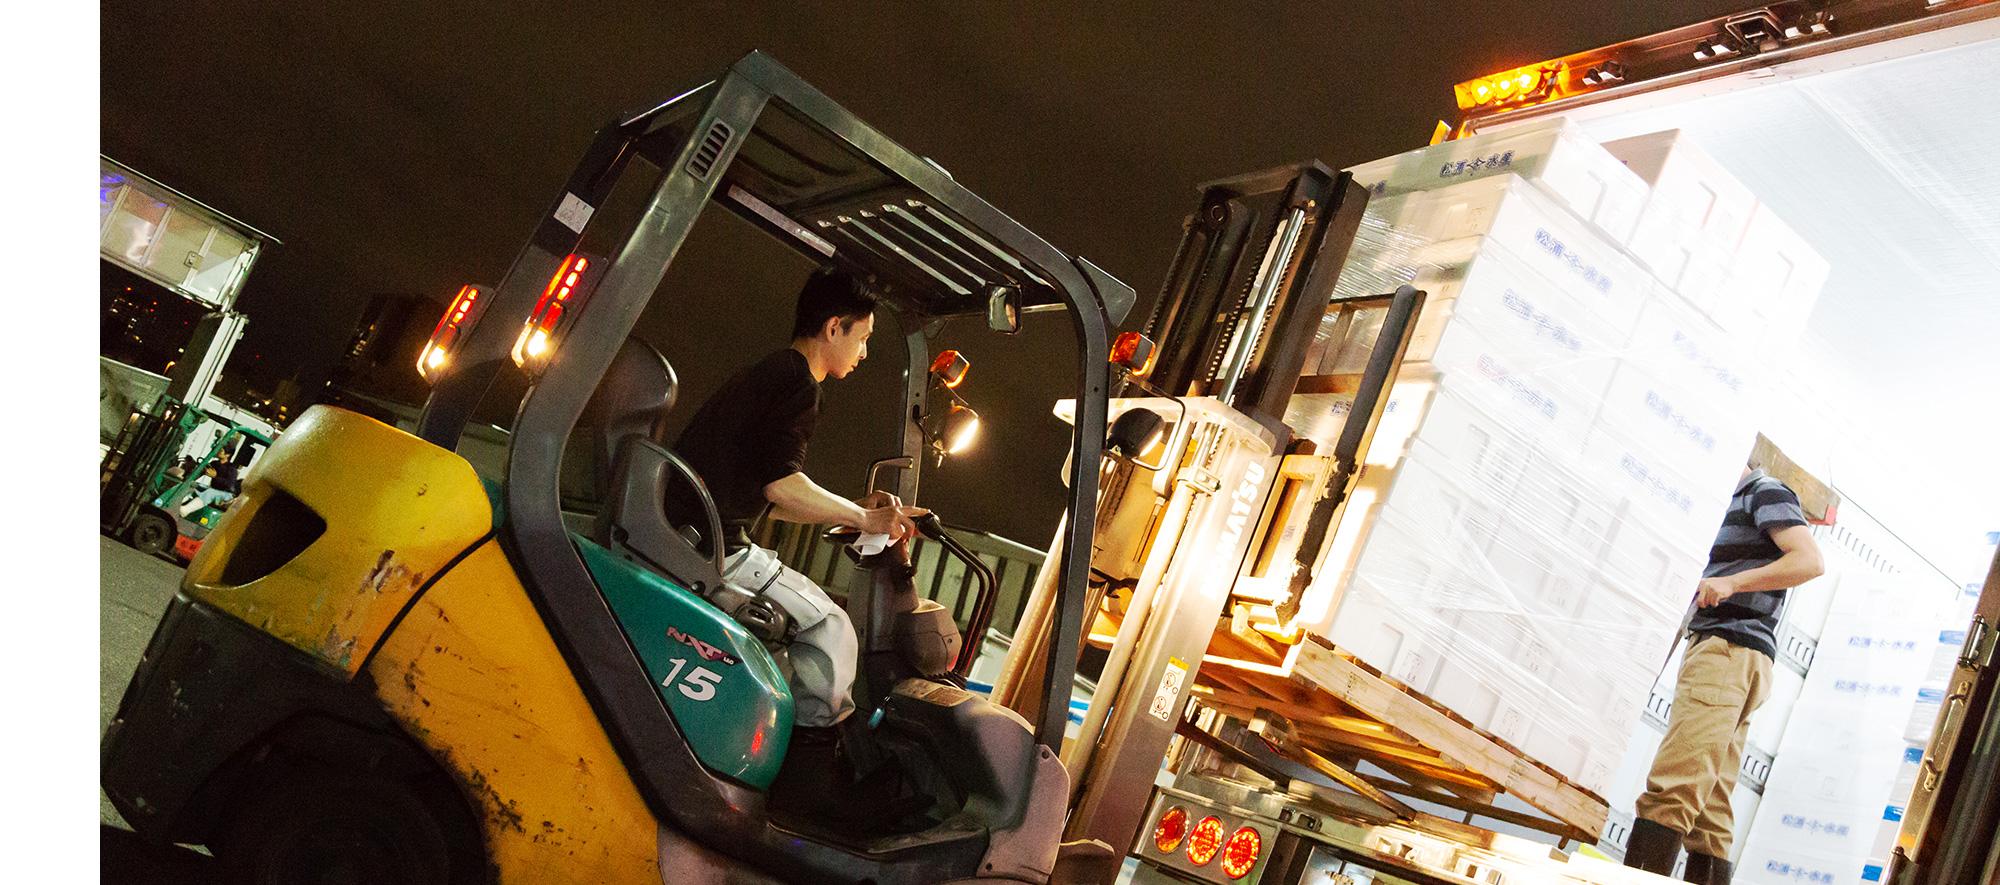 生鮮食品の輸送なら大阪府の有限会社前川運送へ